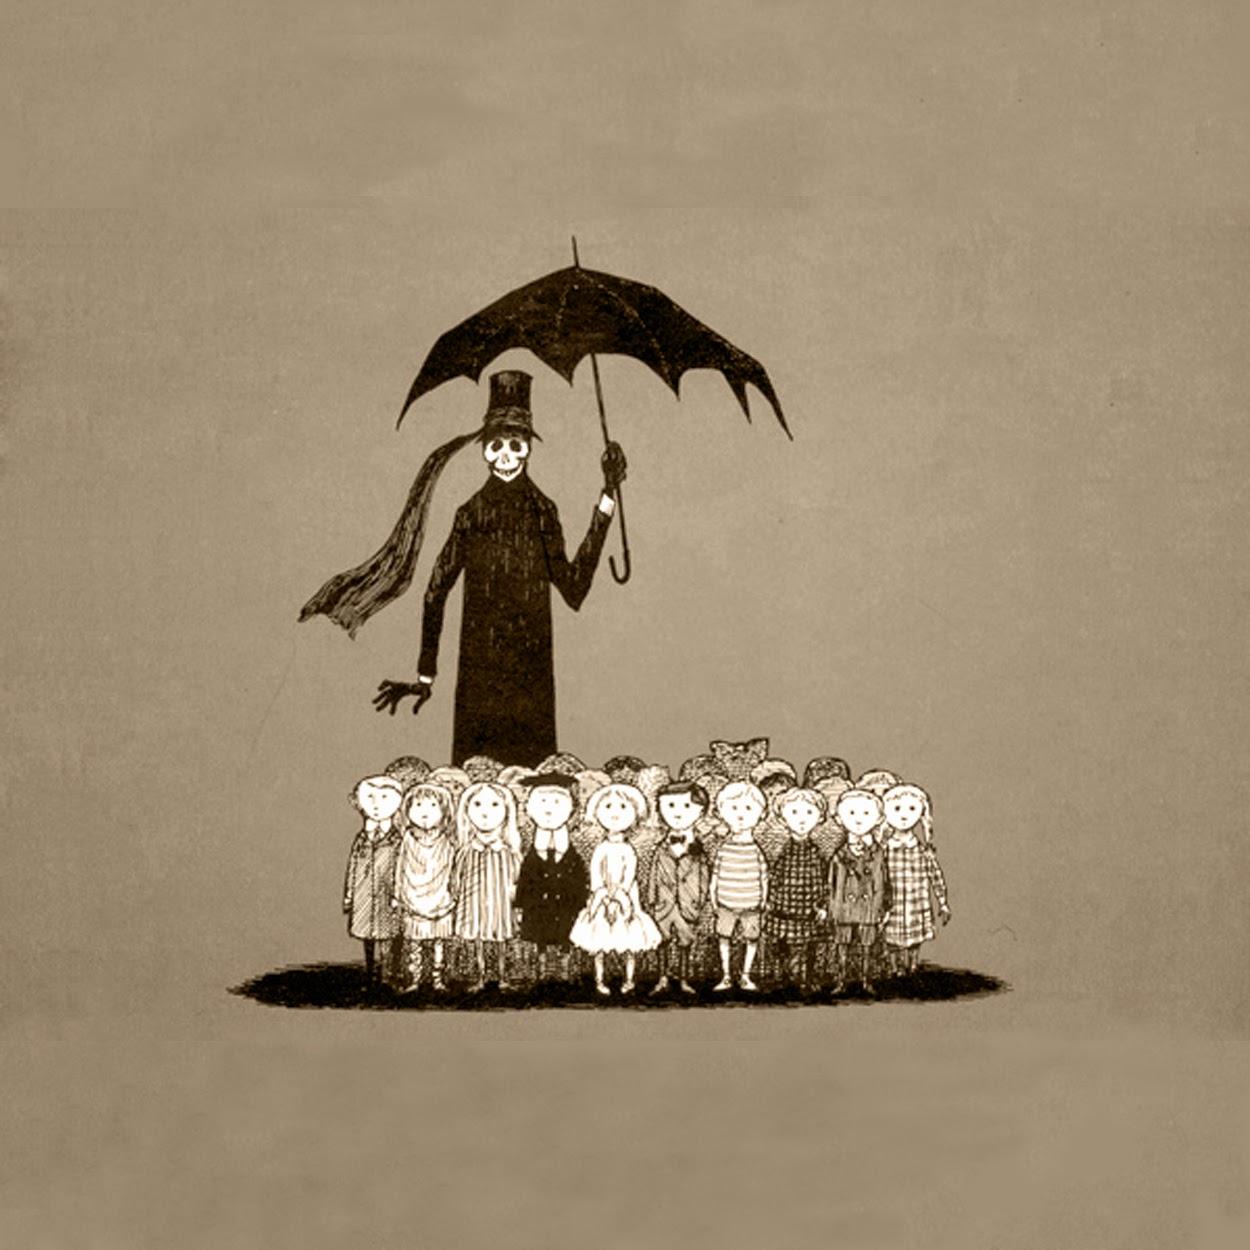 Eneteia, Bracia Grimm i siostra Śmierć, Baśnie o śmierci, Baśnie o umieraniu, opieka paliatywna, śmiertelna Koszula, Człowiek i śmierć, Kuma Śmierć, Księżyc baśń, O wędrowaniu, Mateusz Świstak, Baśnie na warsztacie, GOrey